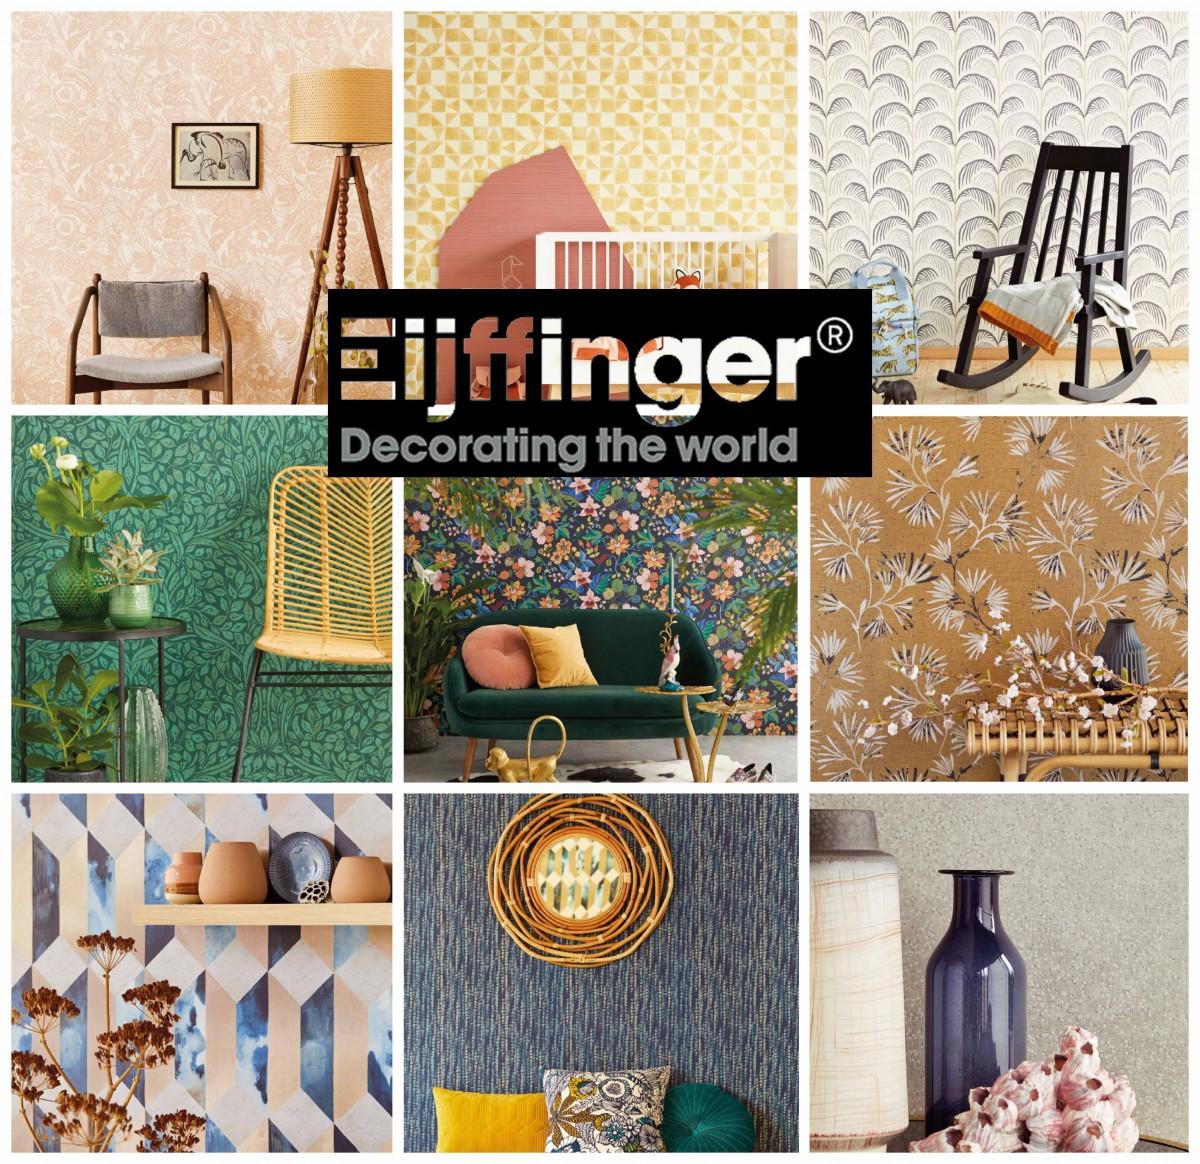 eijffinger-image-avril-2019-3